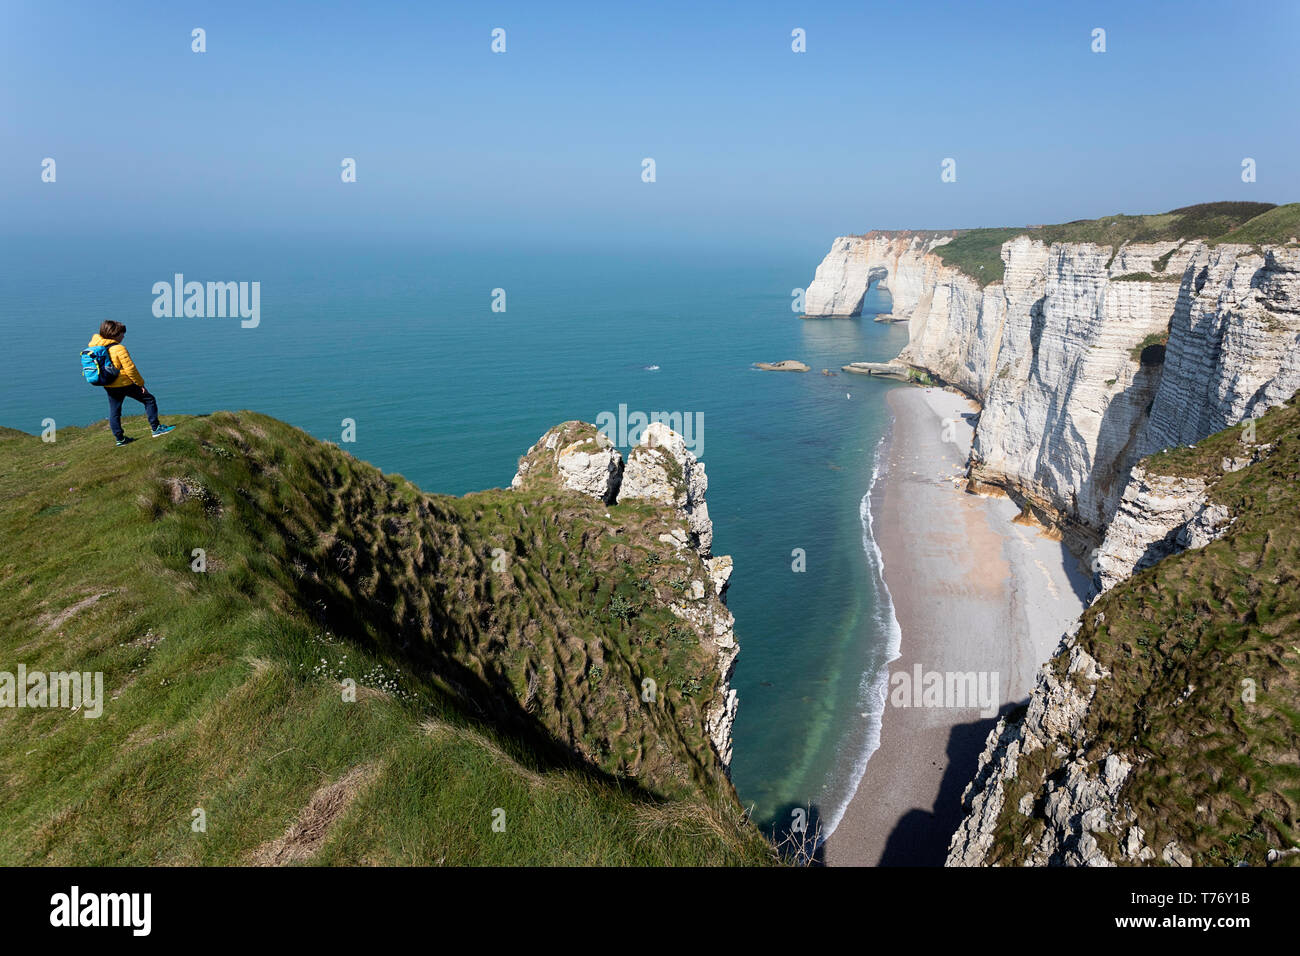 Francia, Normandía: Madre e hijo de pie sobre el césped cubierto de roca acantilados por encima del arco de Playa Etretat Foto de stock